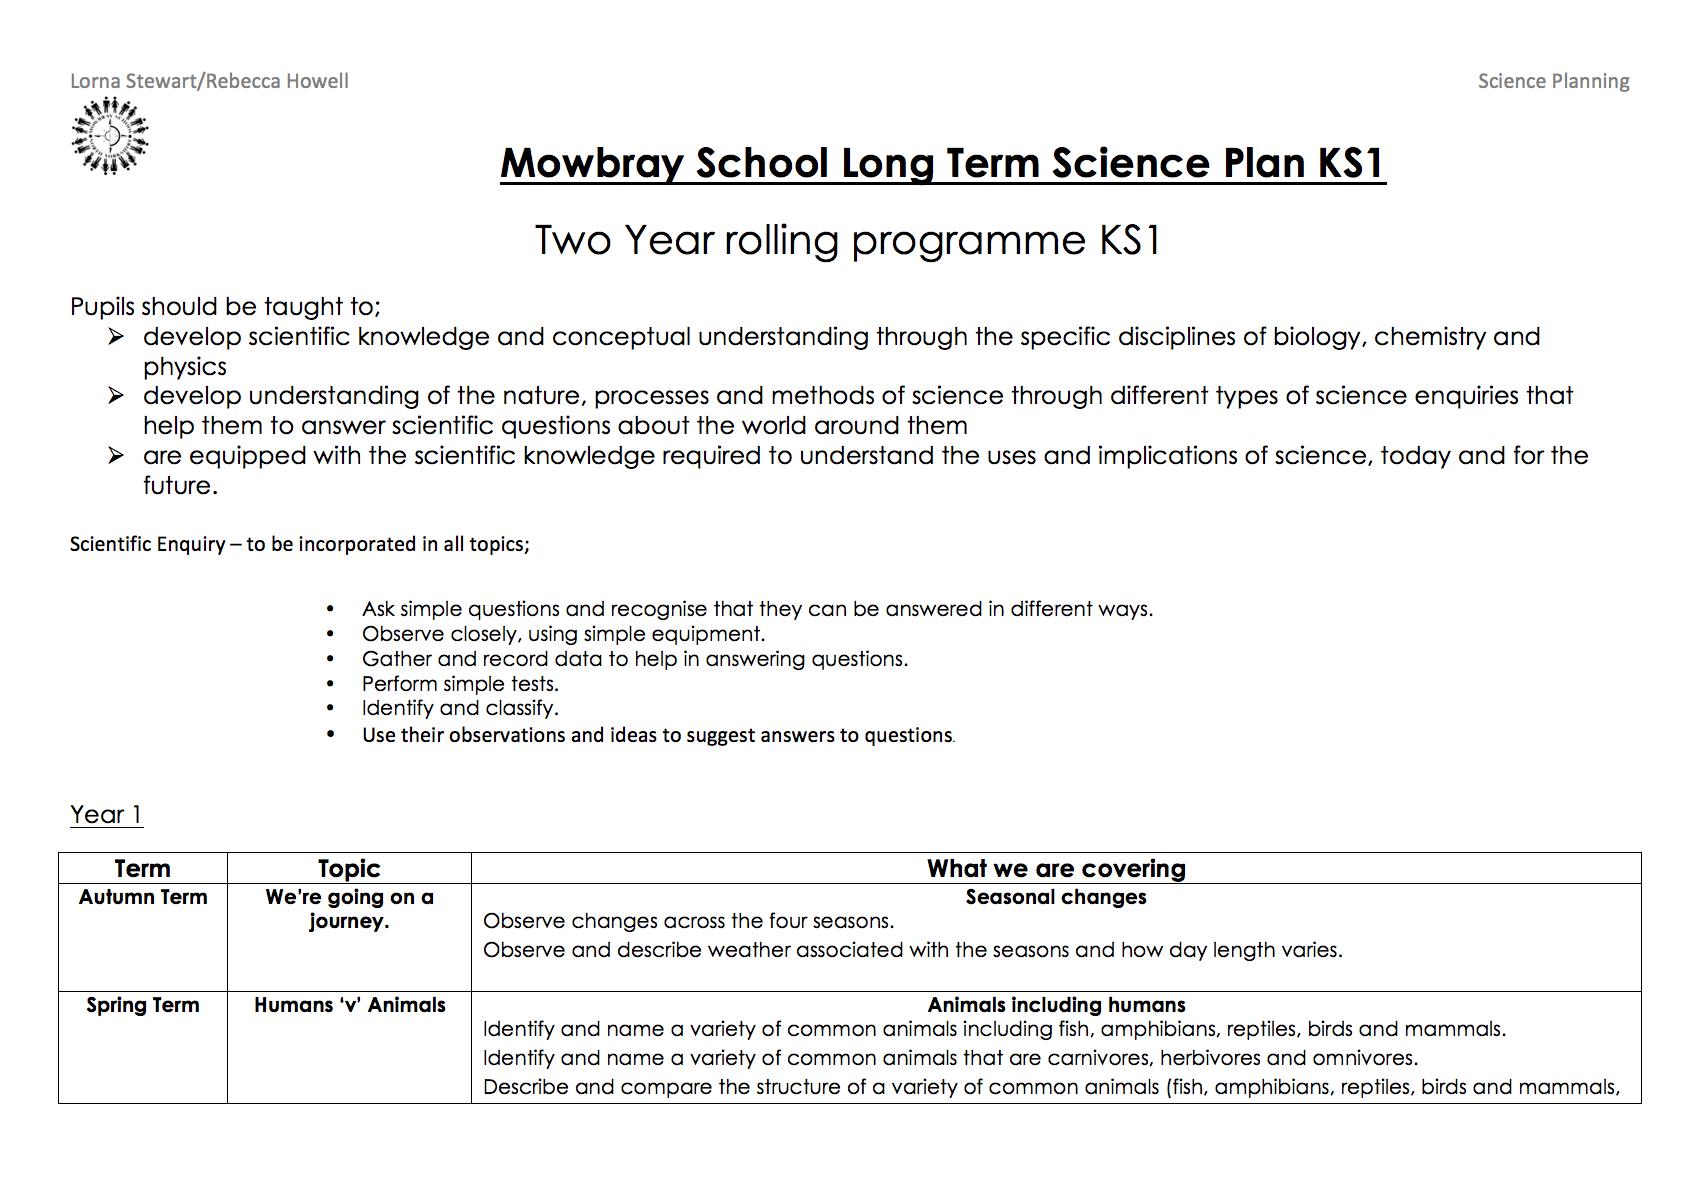 P Science LTP 1516 - Mowbray School